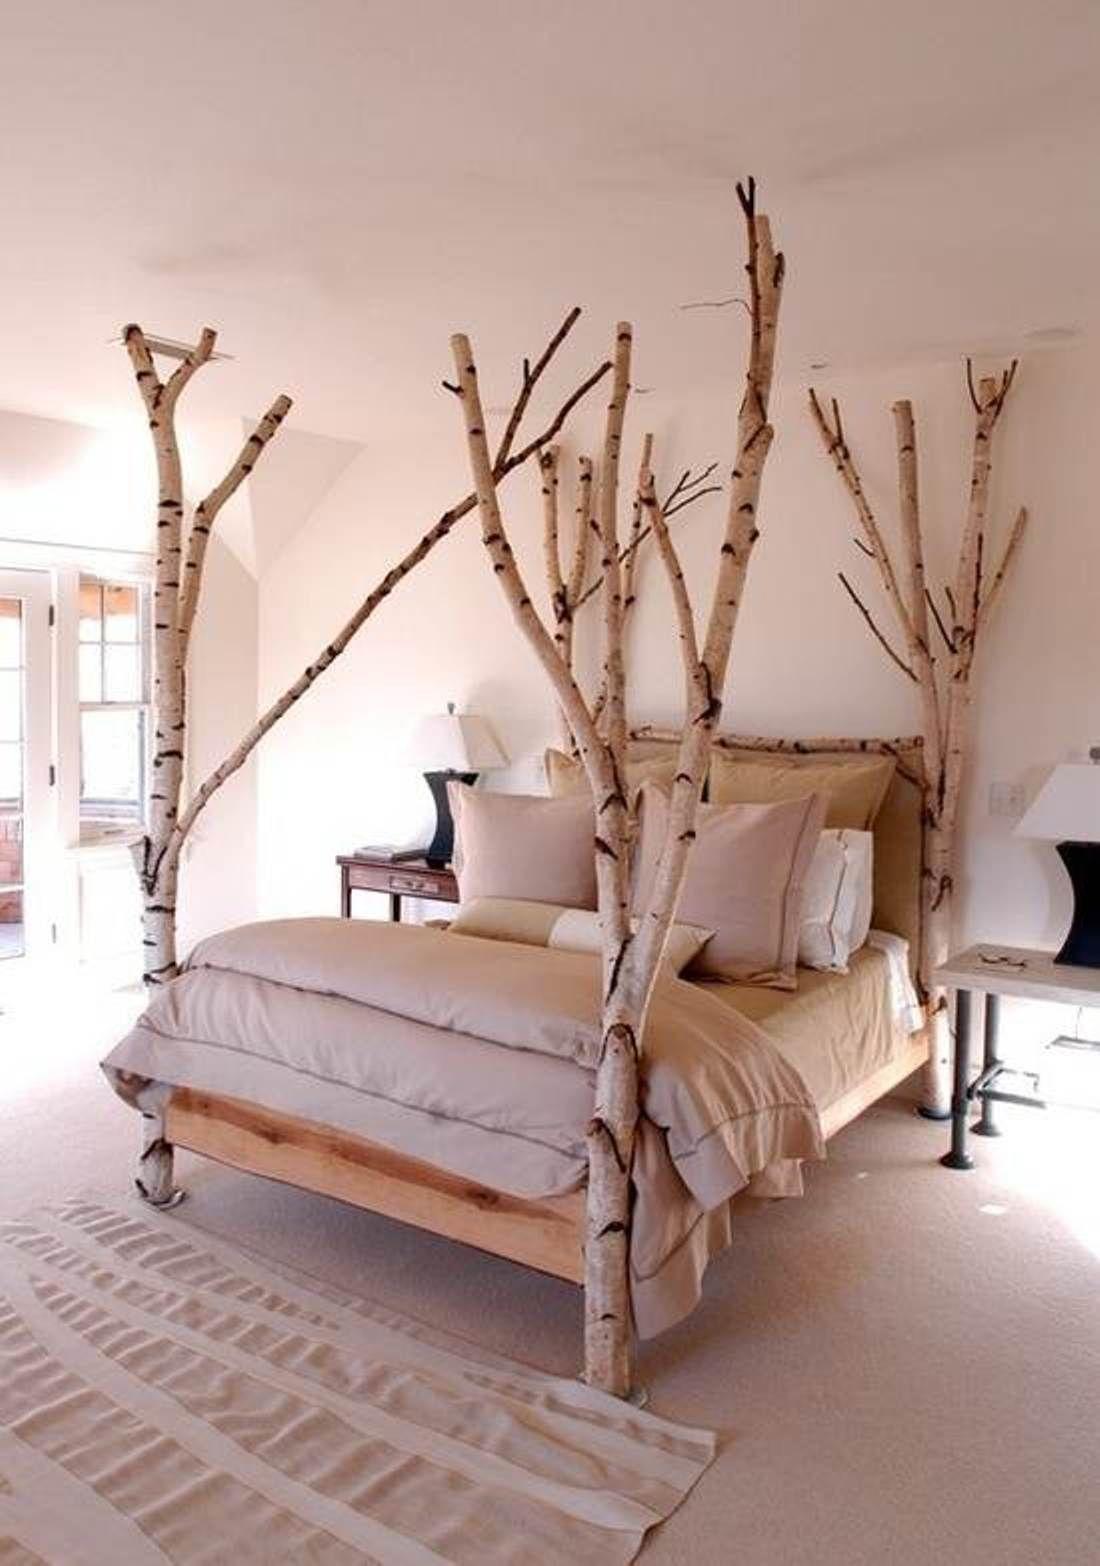 Amazing Redecorating Bedroom Ideas Birch Treebed Decor Interiors Redecorate Bedroom Bedroom Decor Home Decor